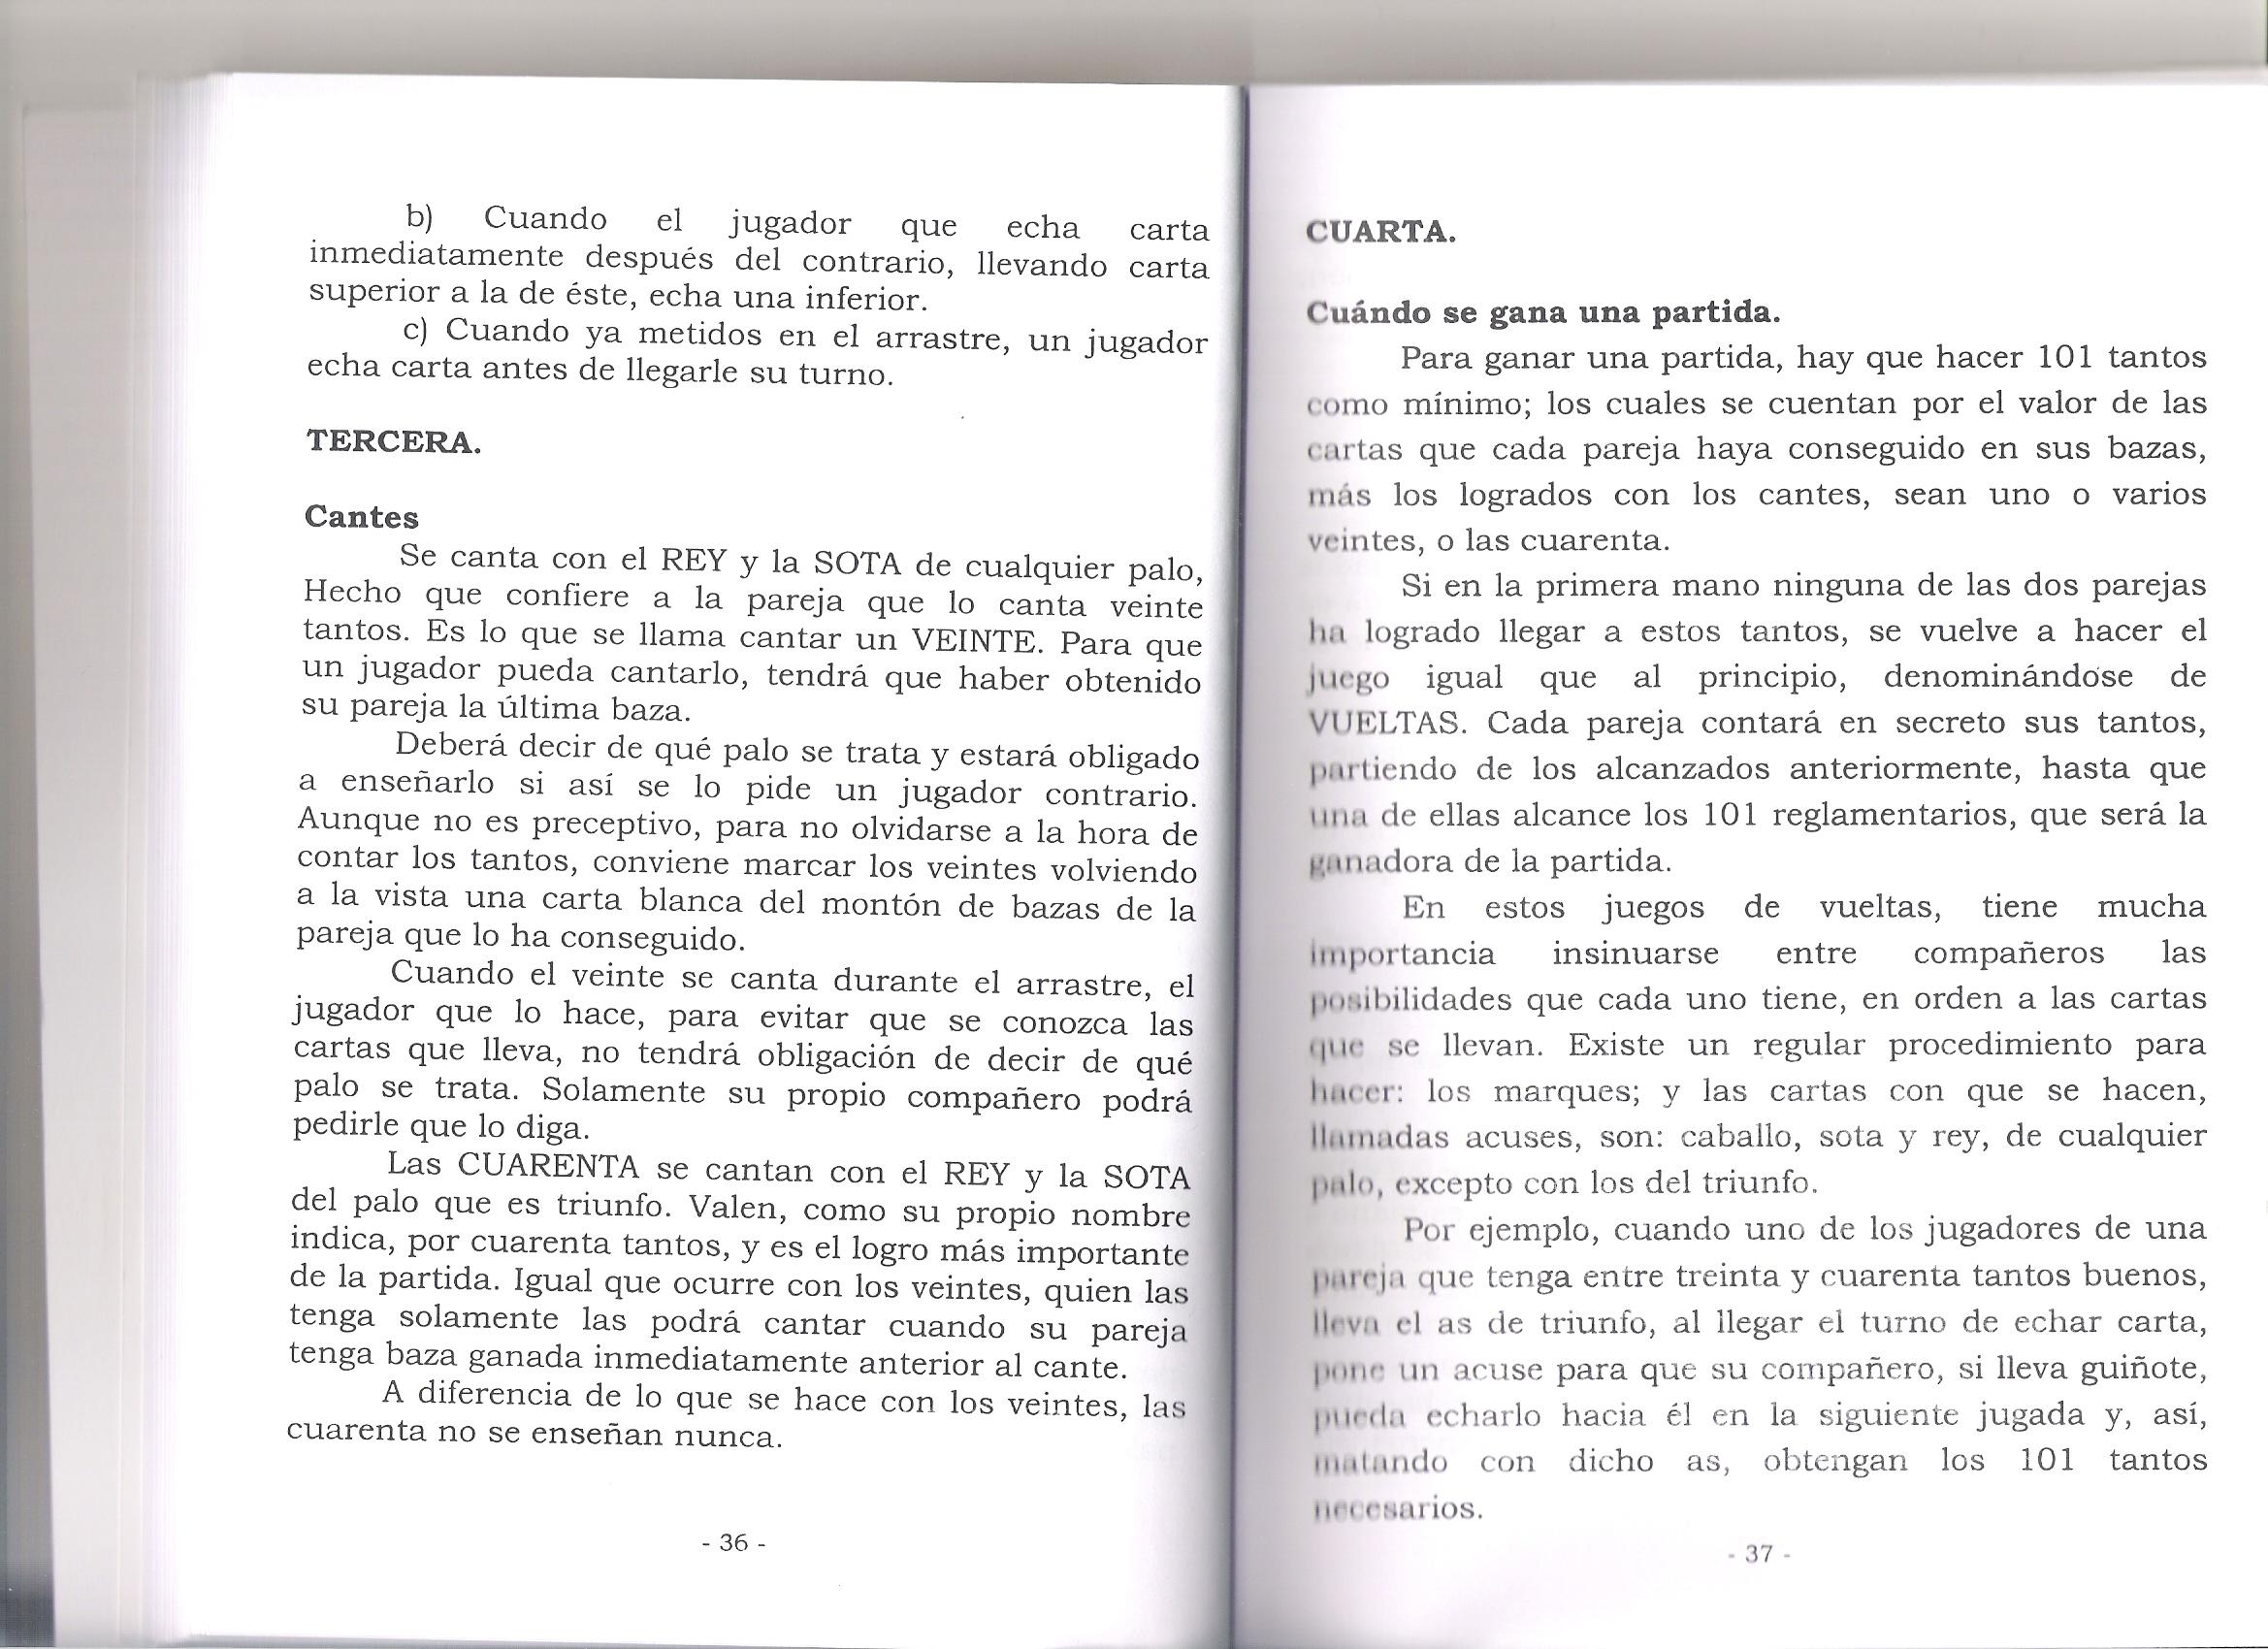 Pág 36-37